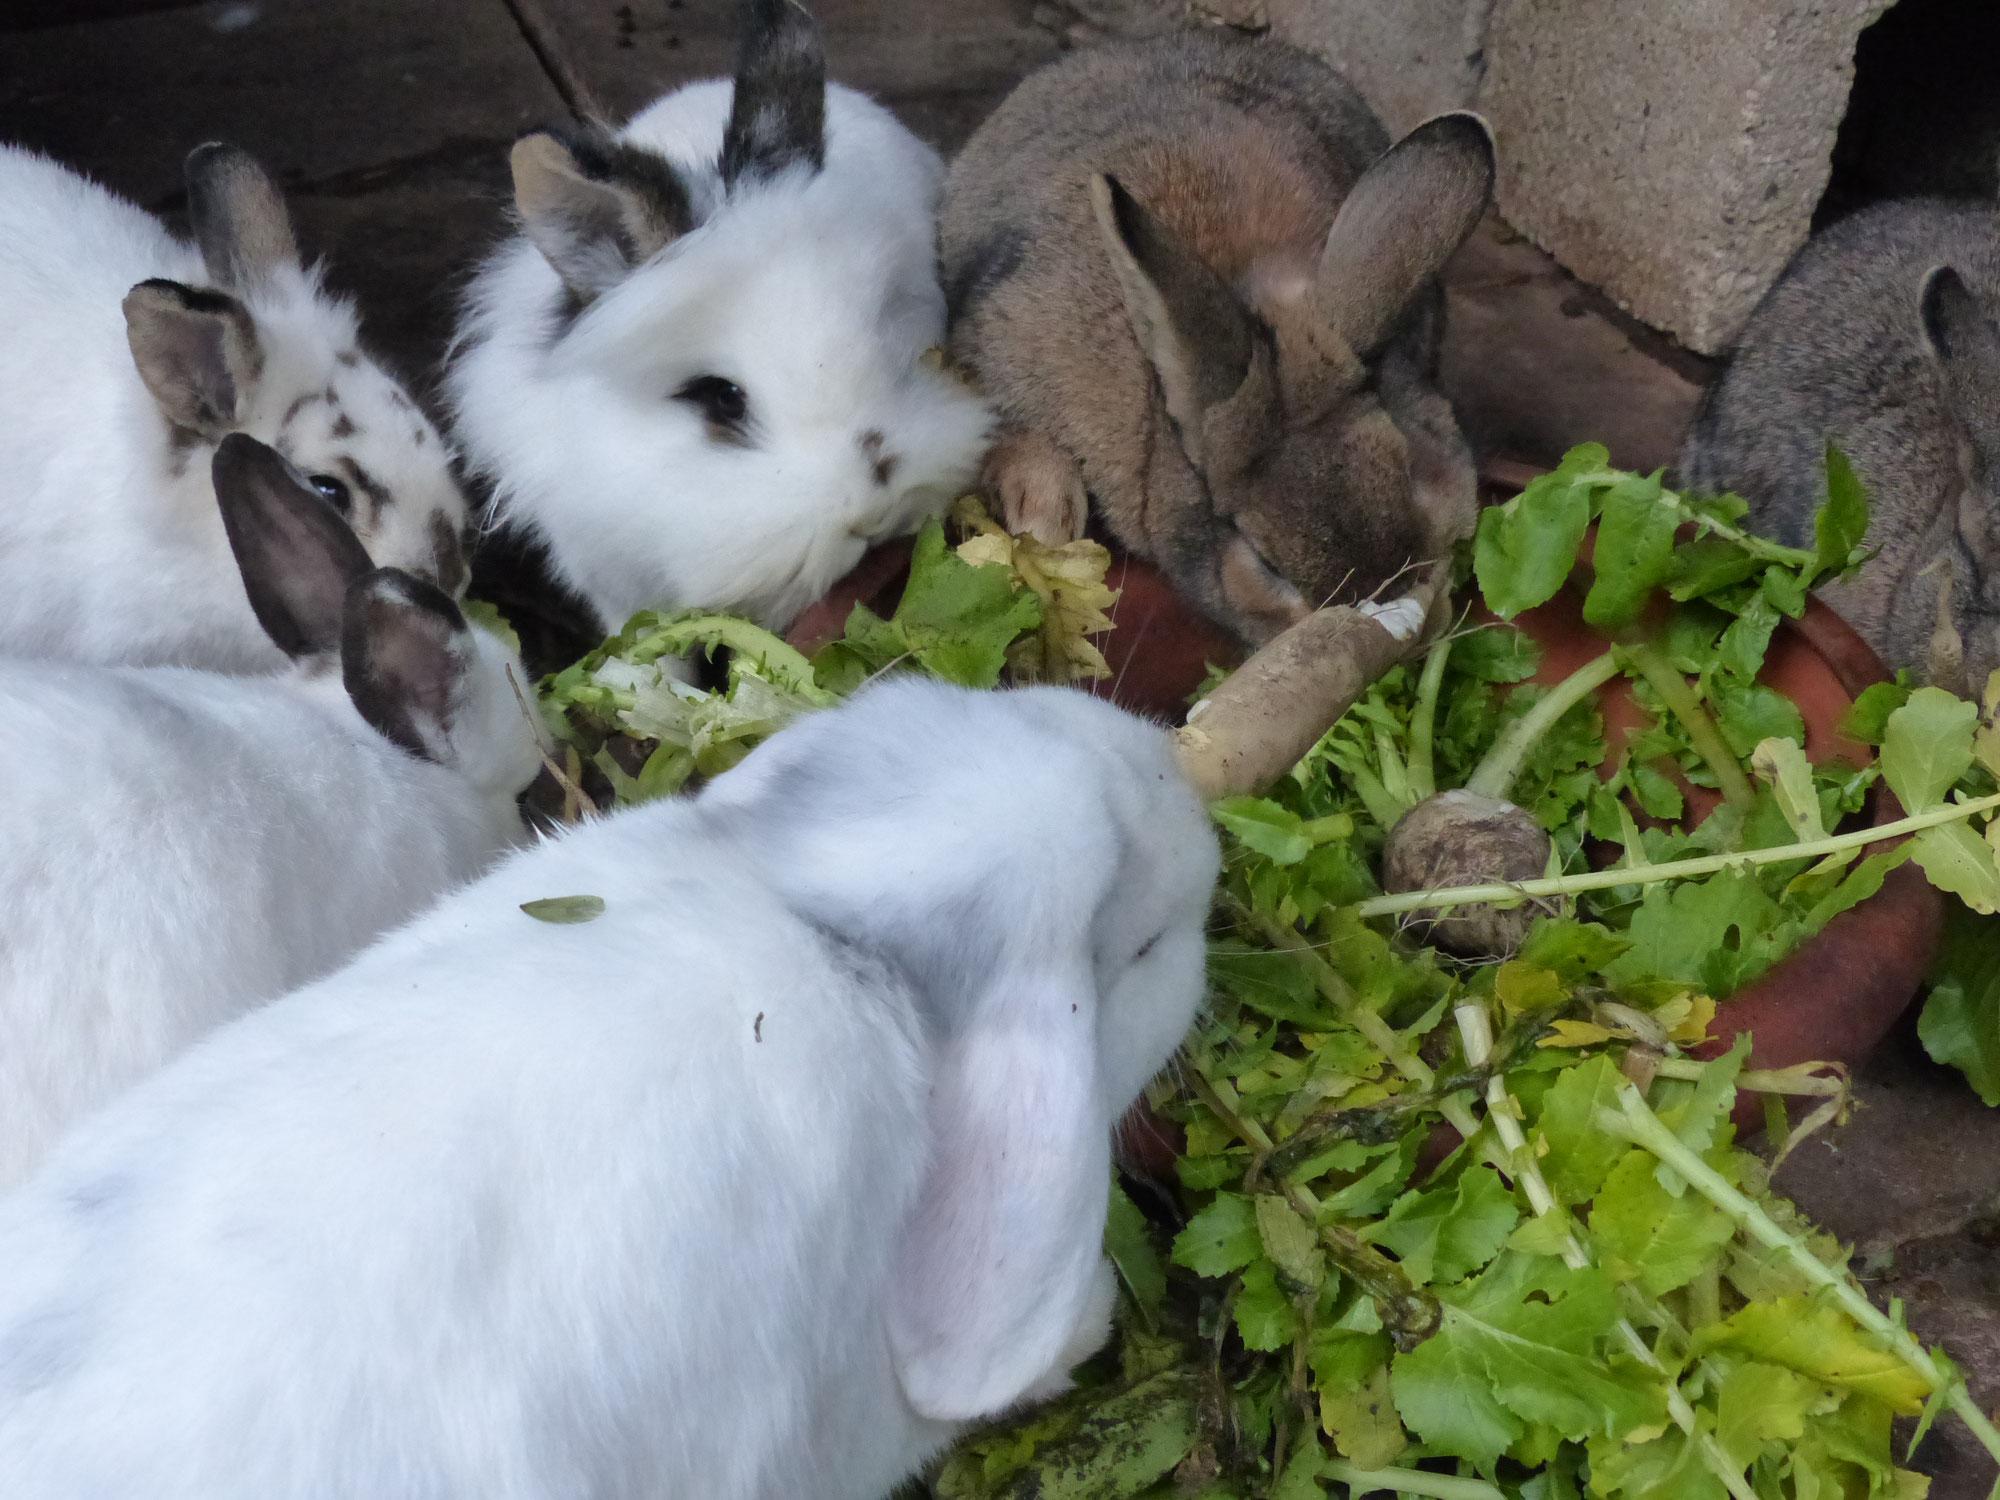 Kaninchen -  Sammelsurium im Winter